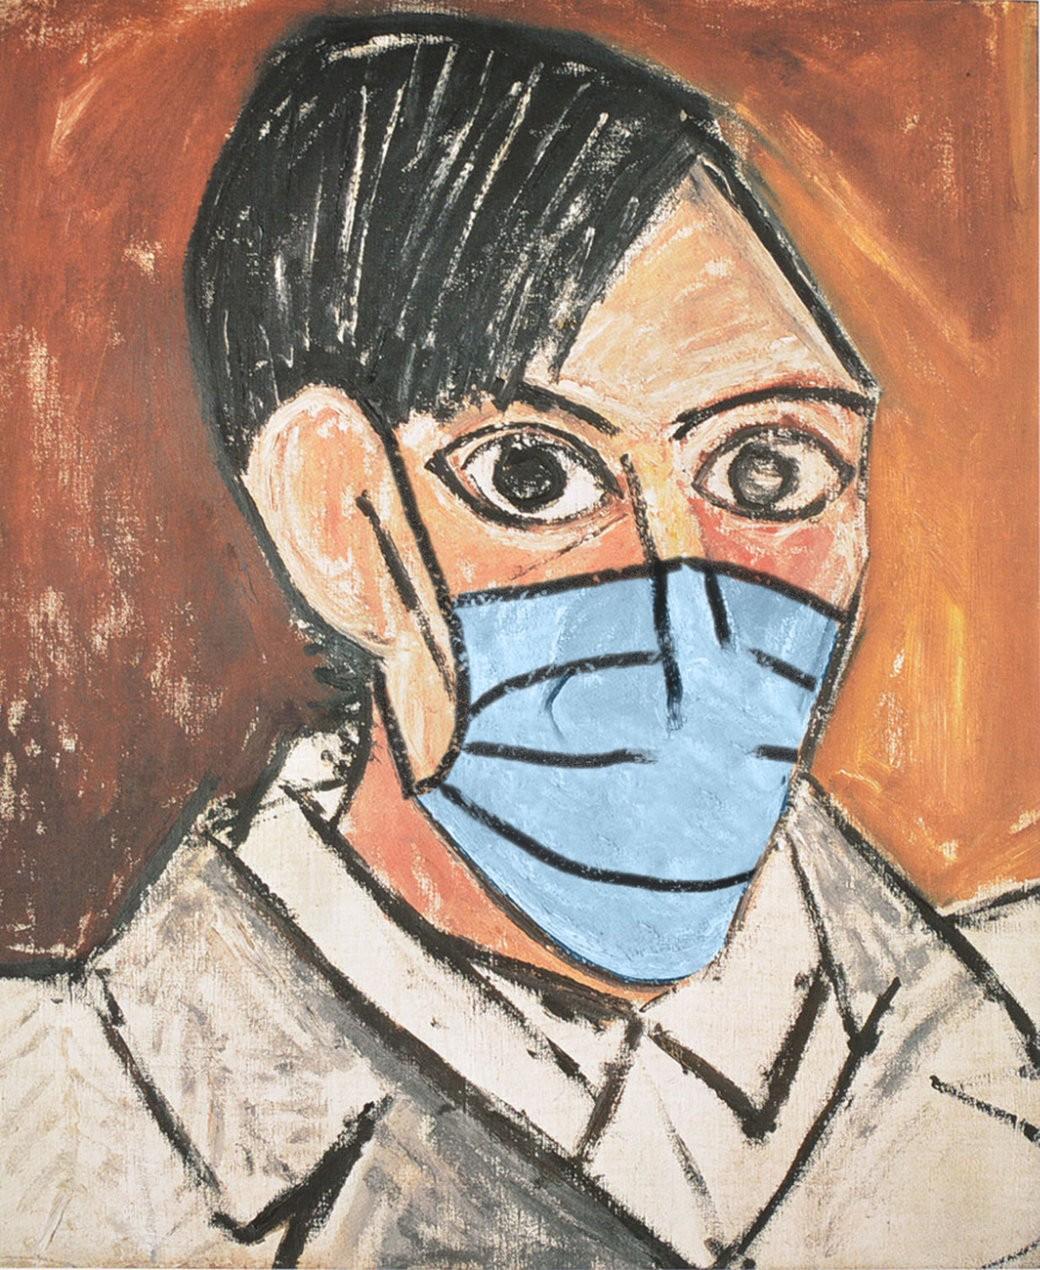 COVID-19-Autorretrato-Pablo-Picasso